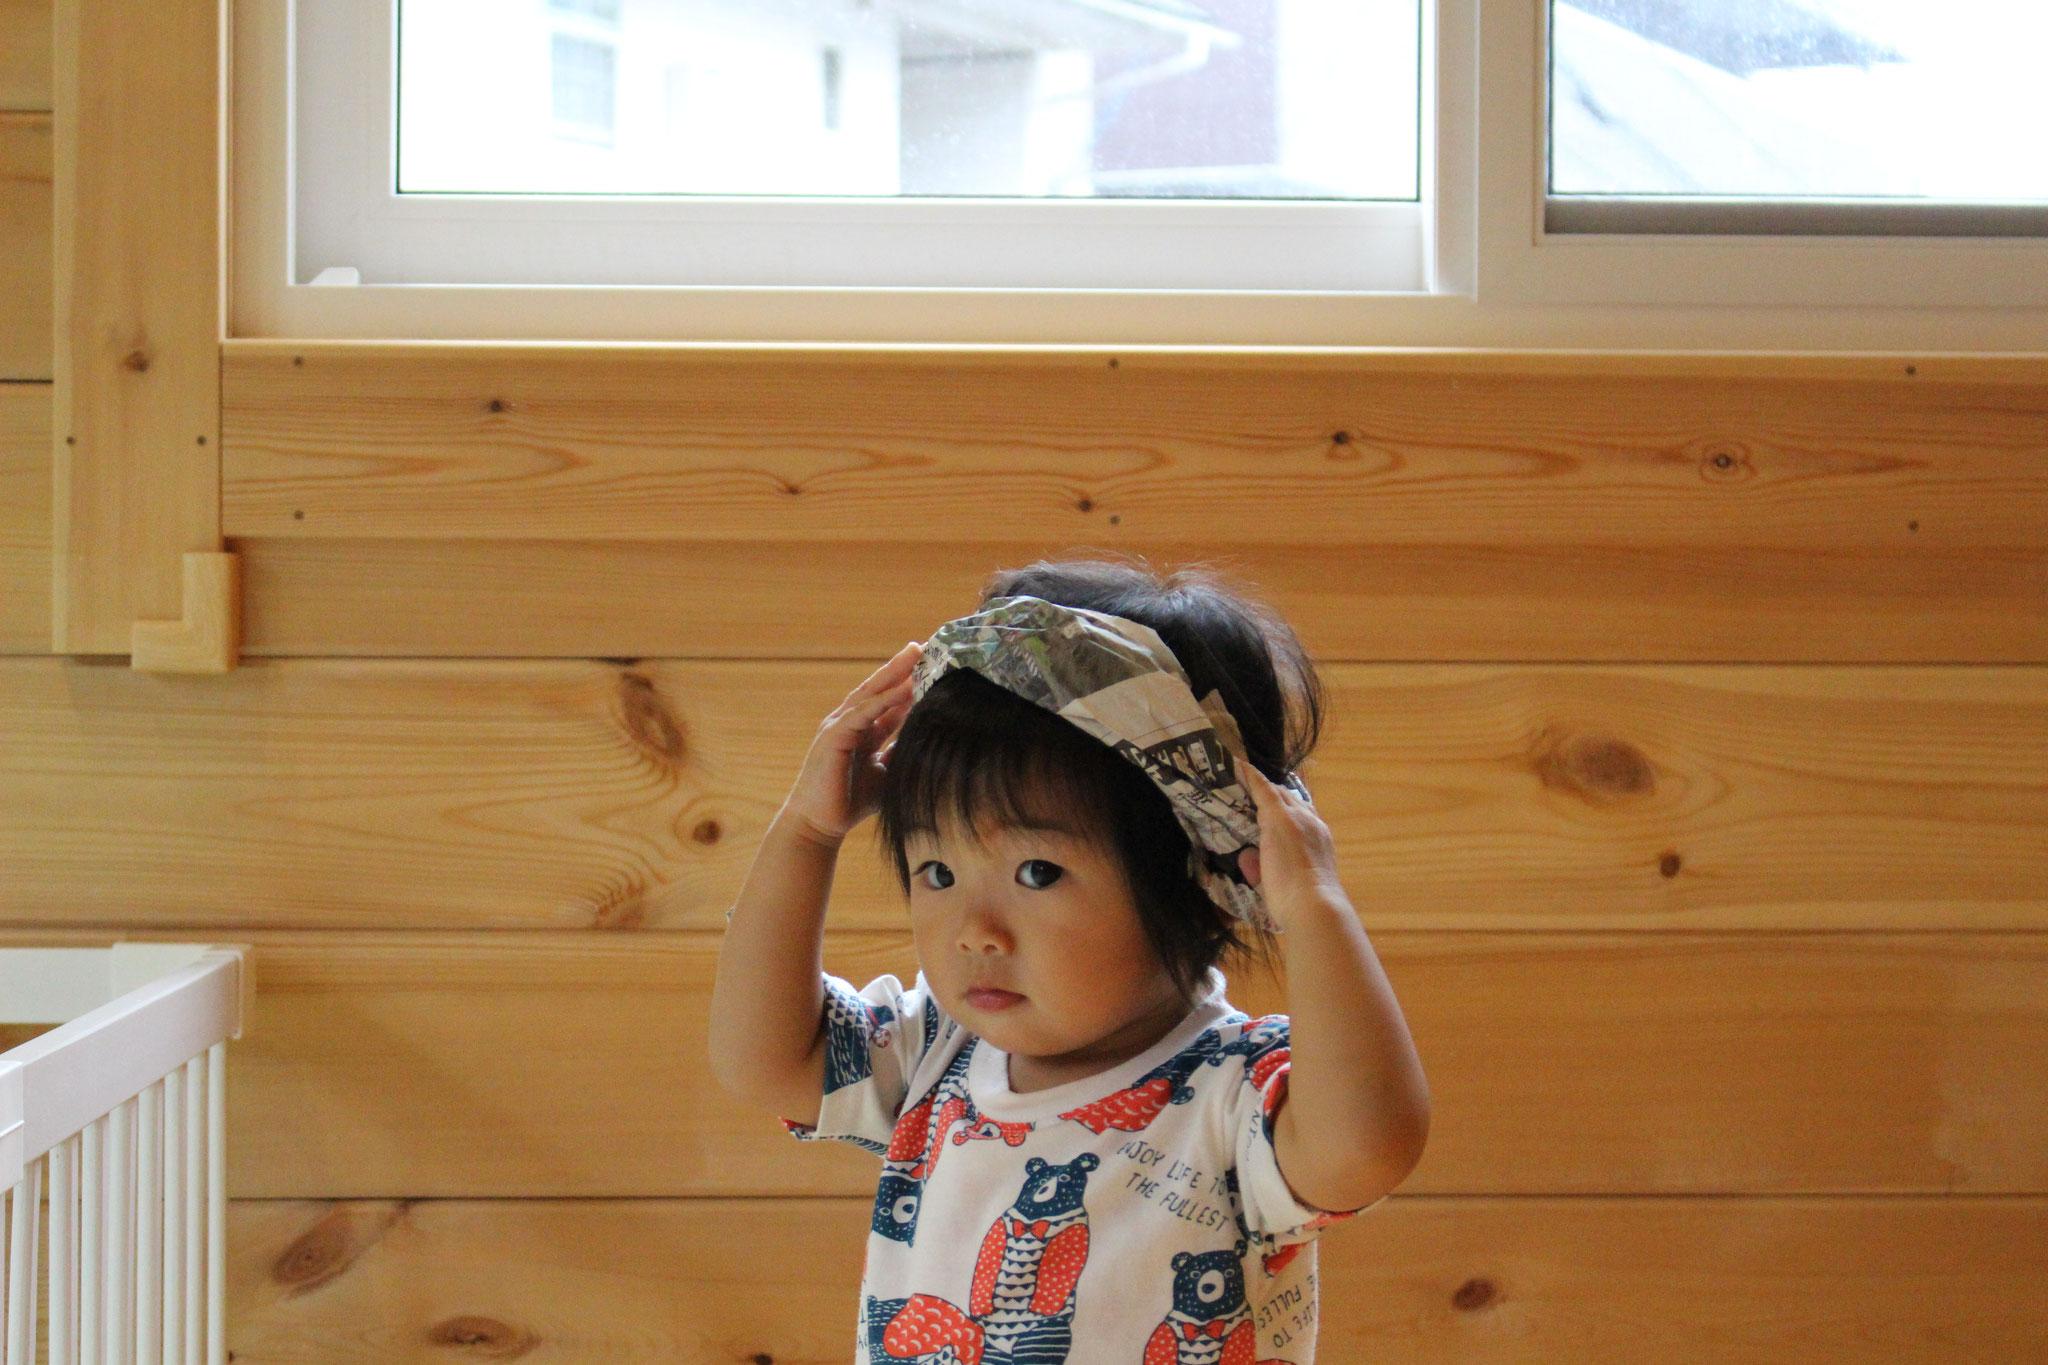 先生に 王冠を 作ってもらったよ カワ(・∀・)イイ!! プリンセスだね(#^.^#)